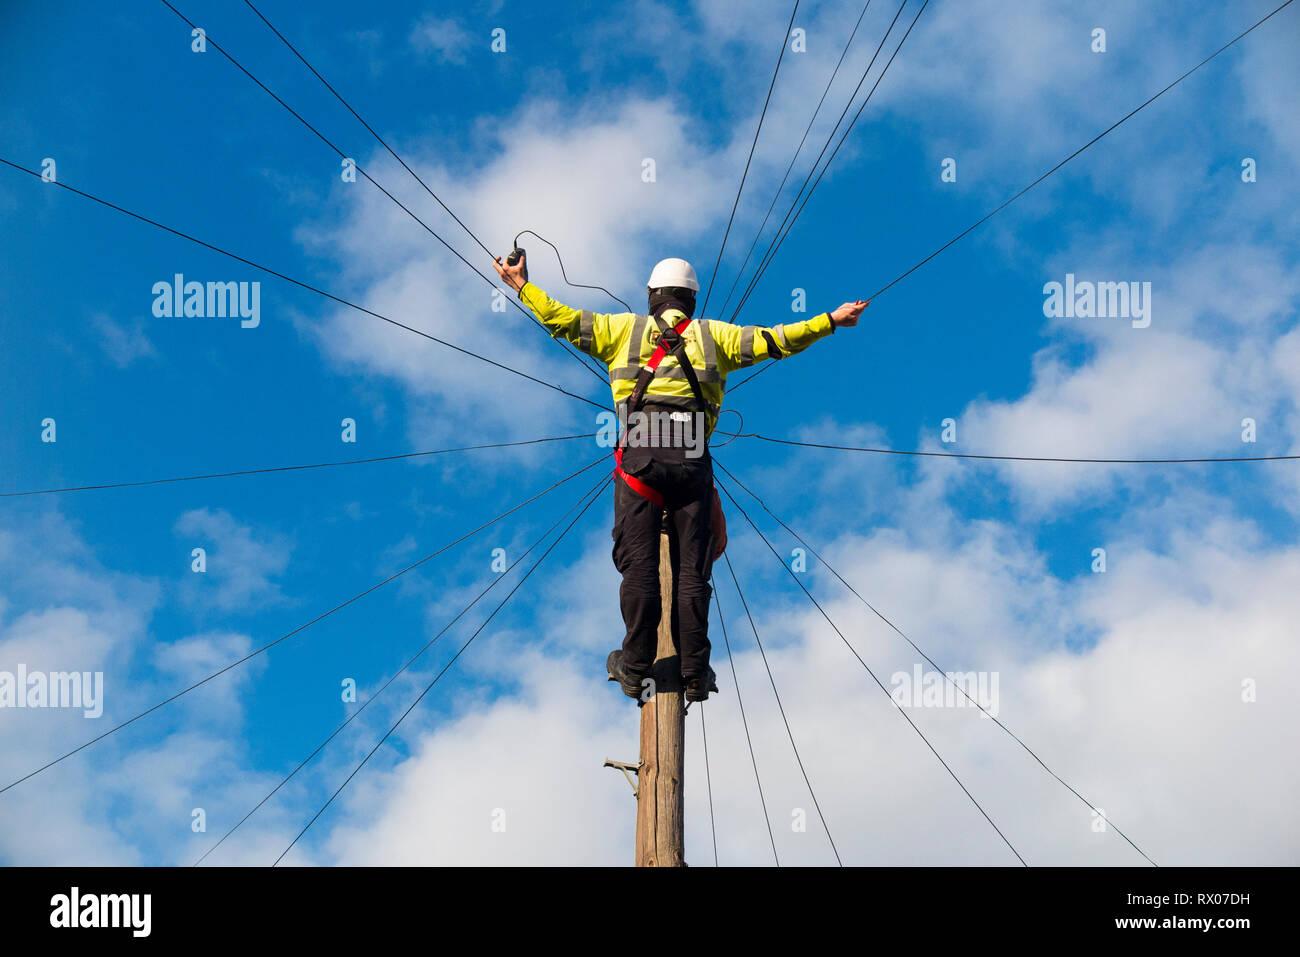 Telecom ingénieur travaillant sur la ligne de téléphone internet haut débit / d'un fil de cuivre téléphone / poteau télégraphique dans une rue de Londres / Road, et ciel bleu Photo Stock